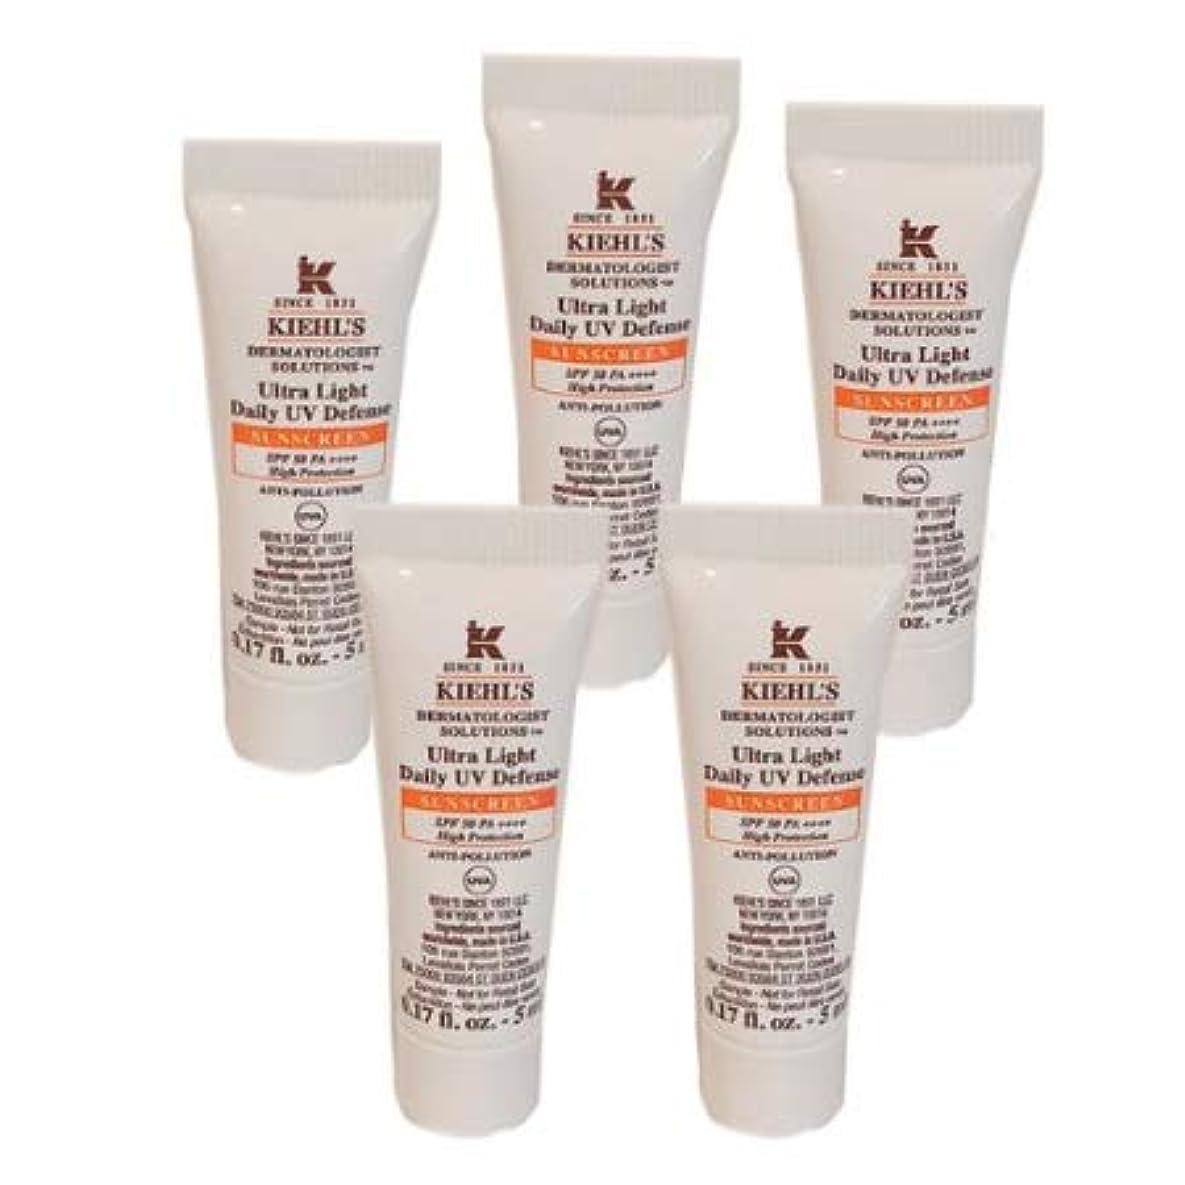 バリー肺合併Kiehl's(キールズ) キールズ UVディフェンス (5ml x 5個) / KIEHL'S Ultra Light Daily UV Defense Sunscreen SPF 50 PA++++